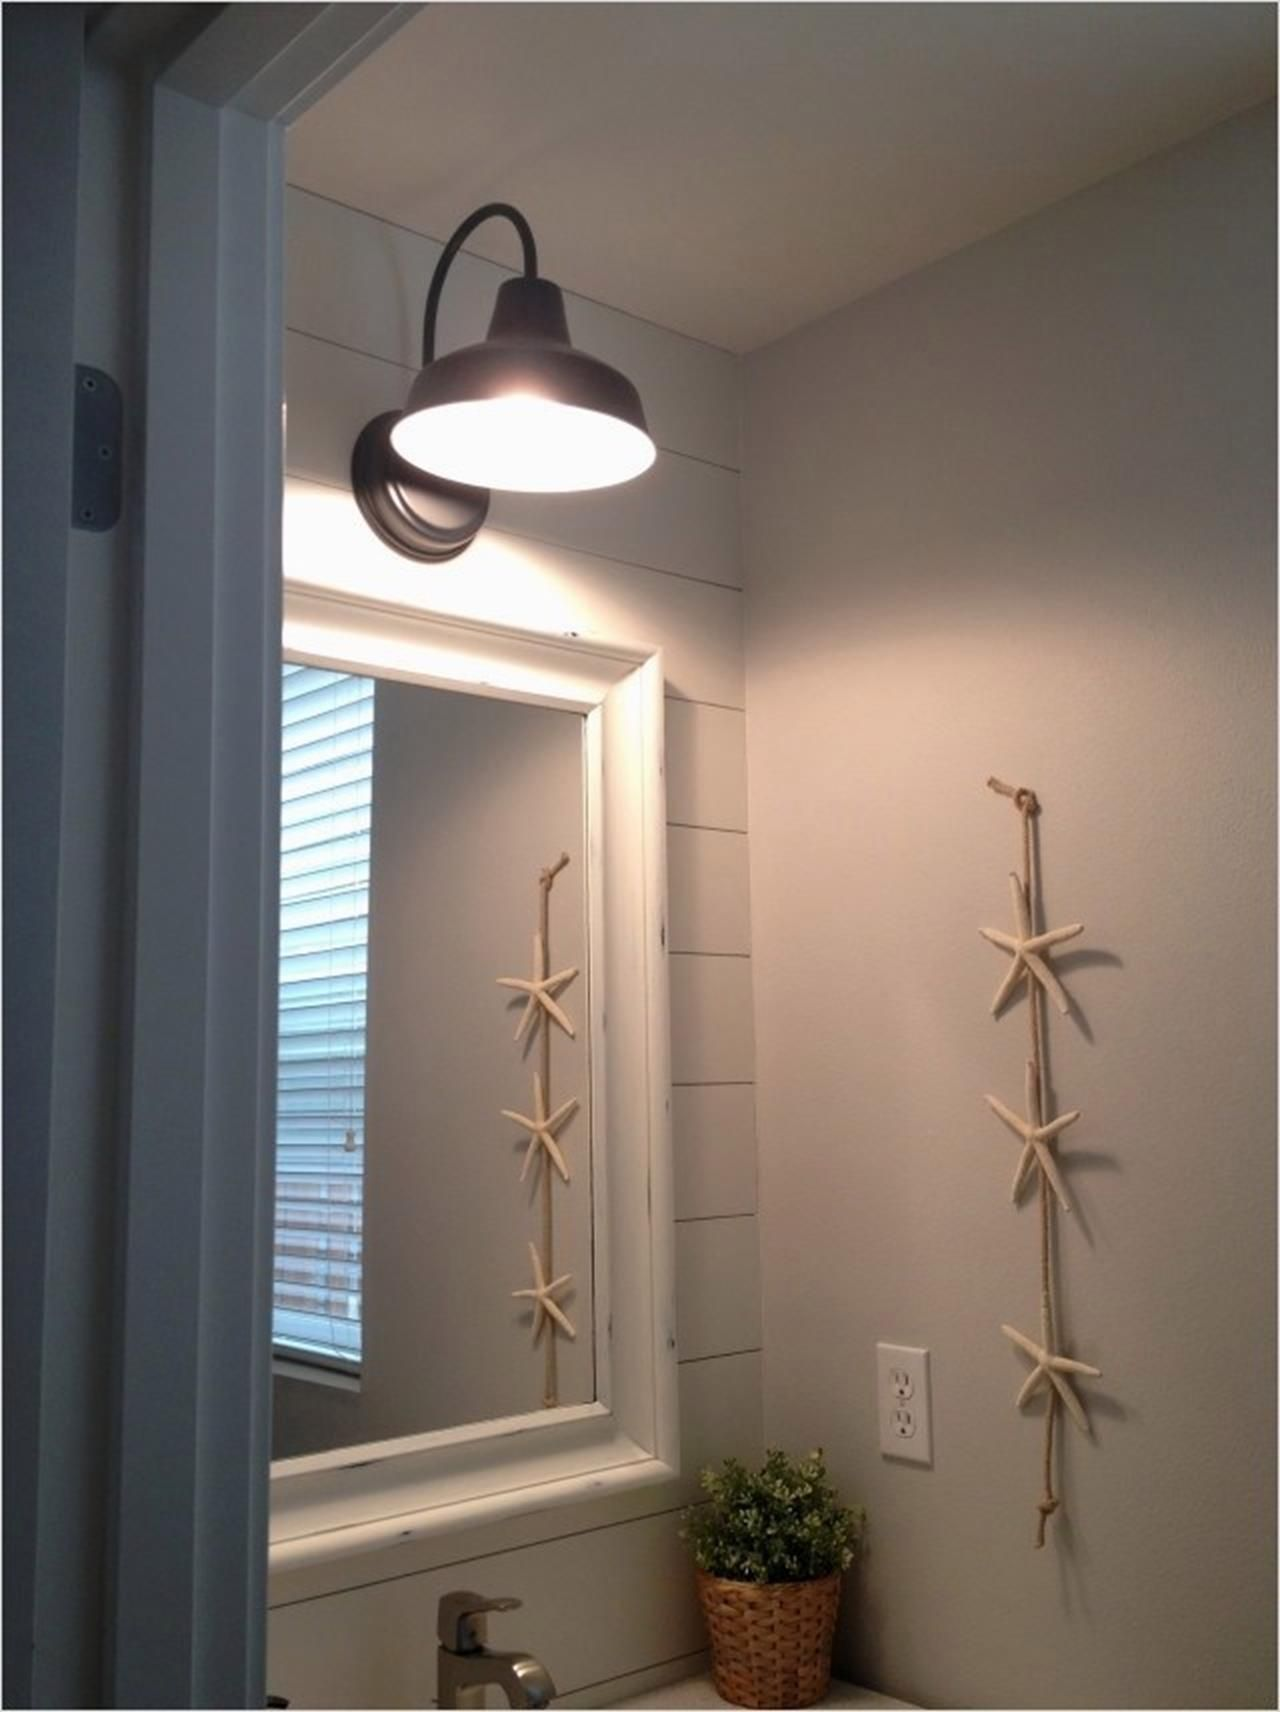 Farmhouse Bathroom Lighting Ideas